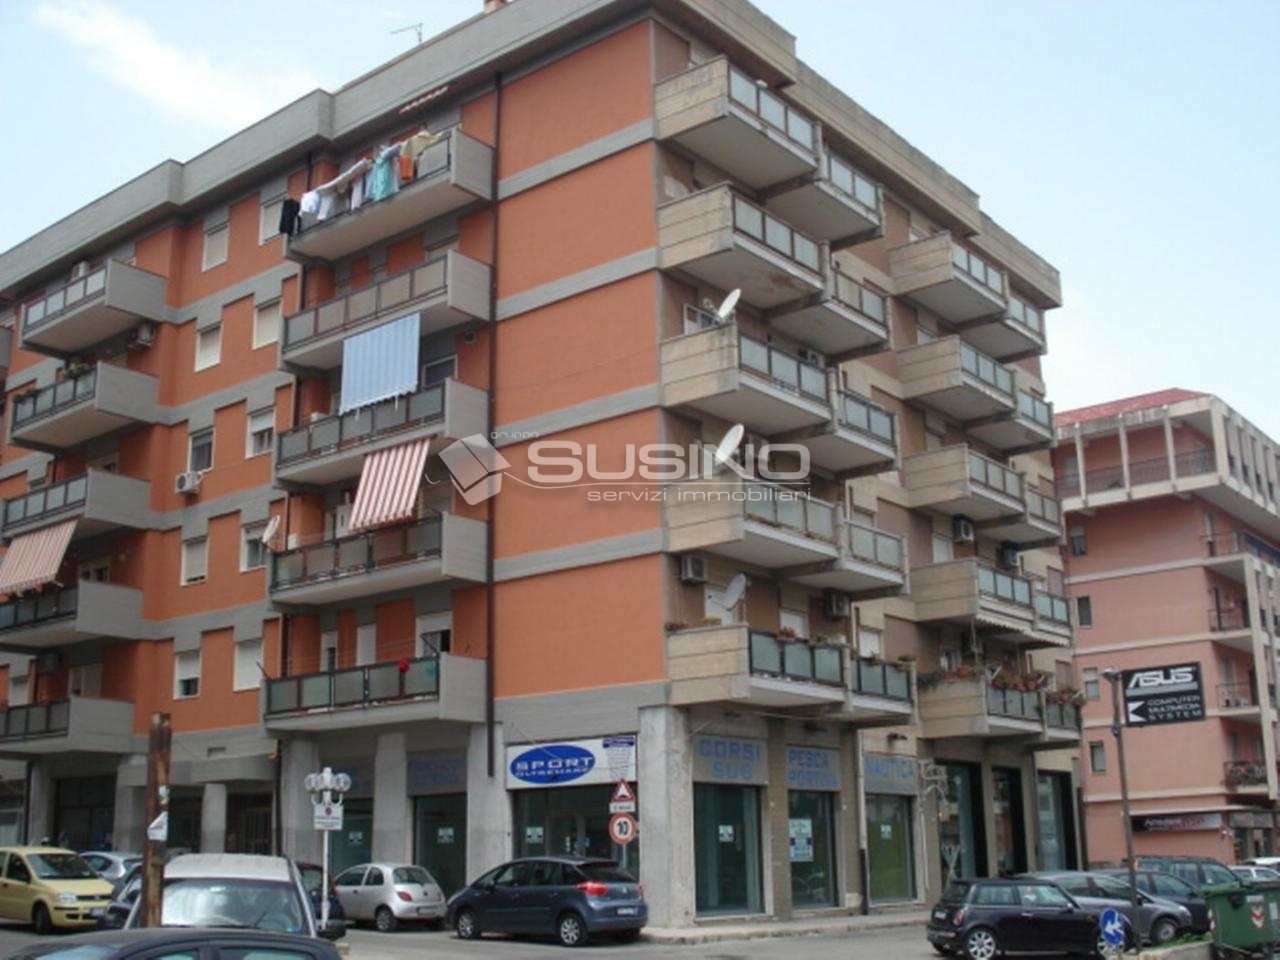 Attico / Mansarda in vendita a Siracusa, 3 locali, zona Località: ScalaGreca, Trattative riservate | CambioCasa.it